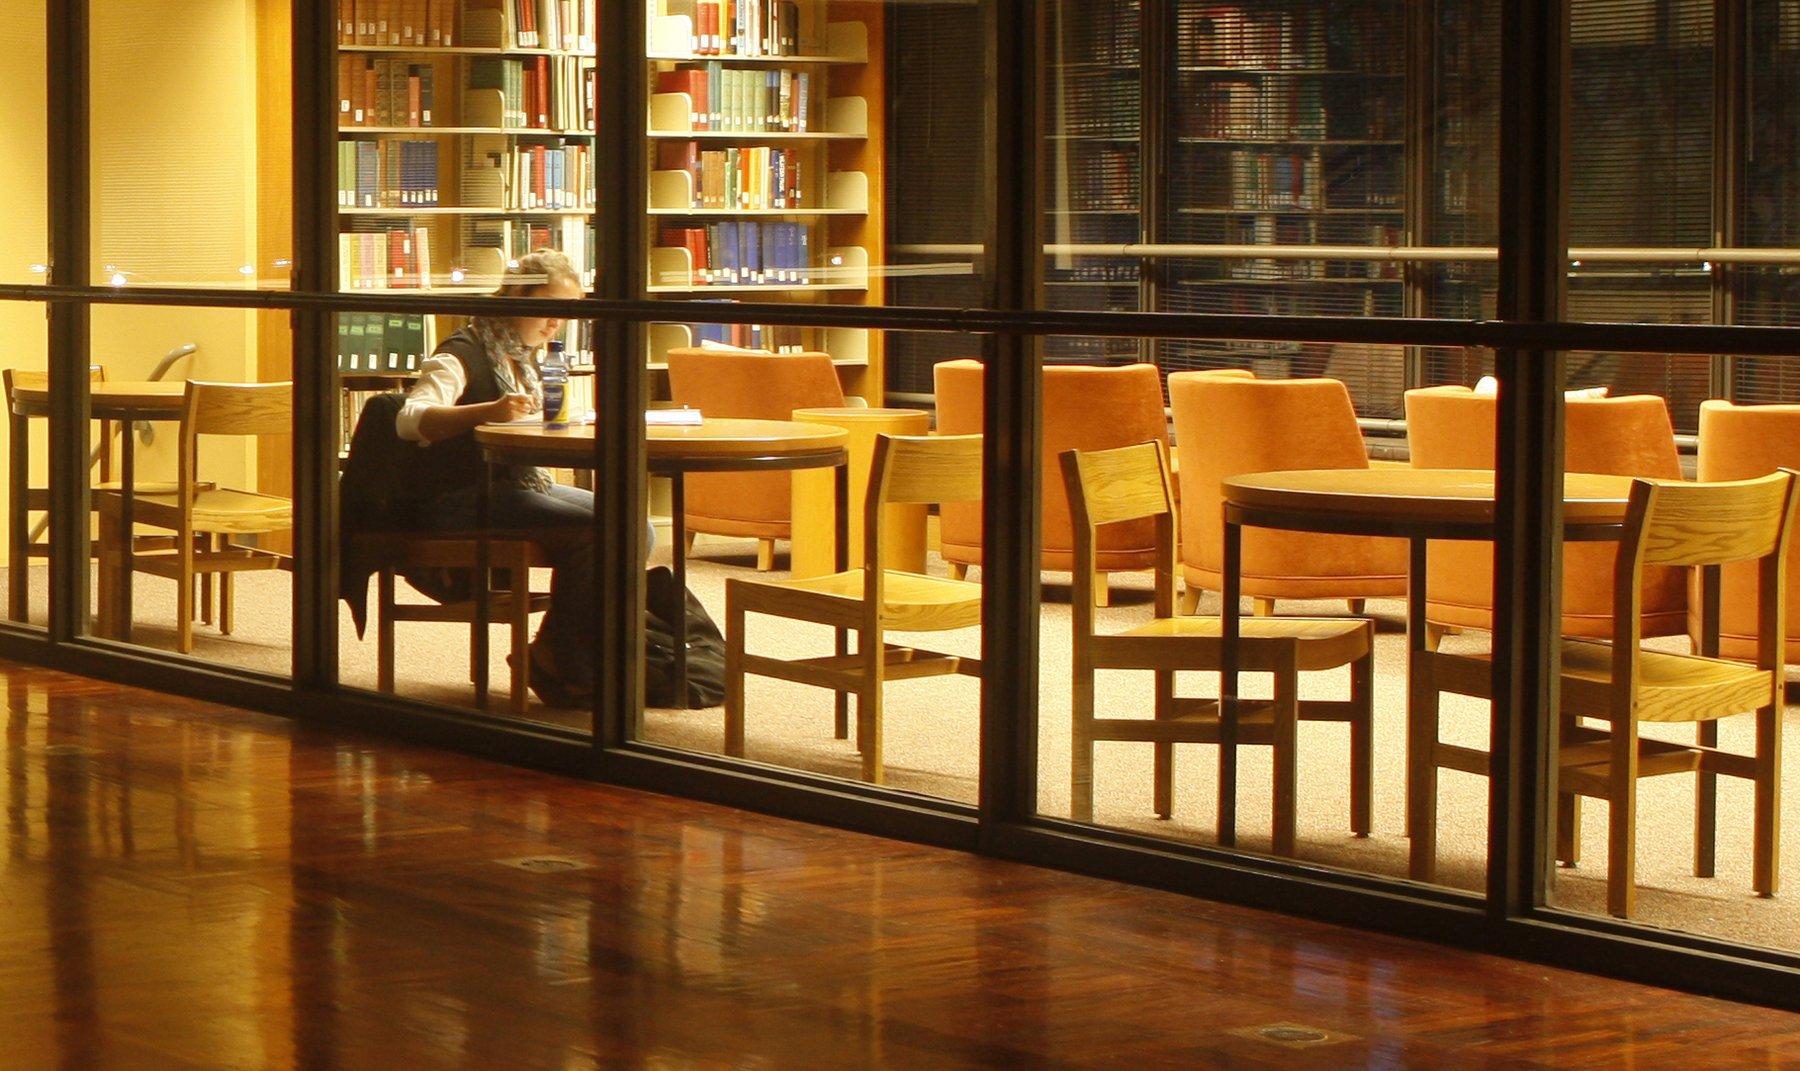 Mezzanine Floor Library